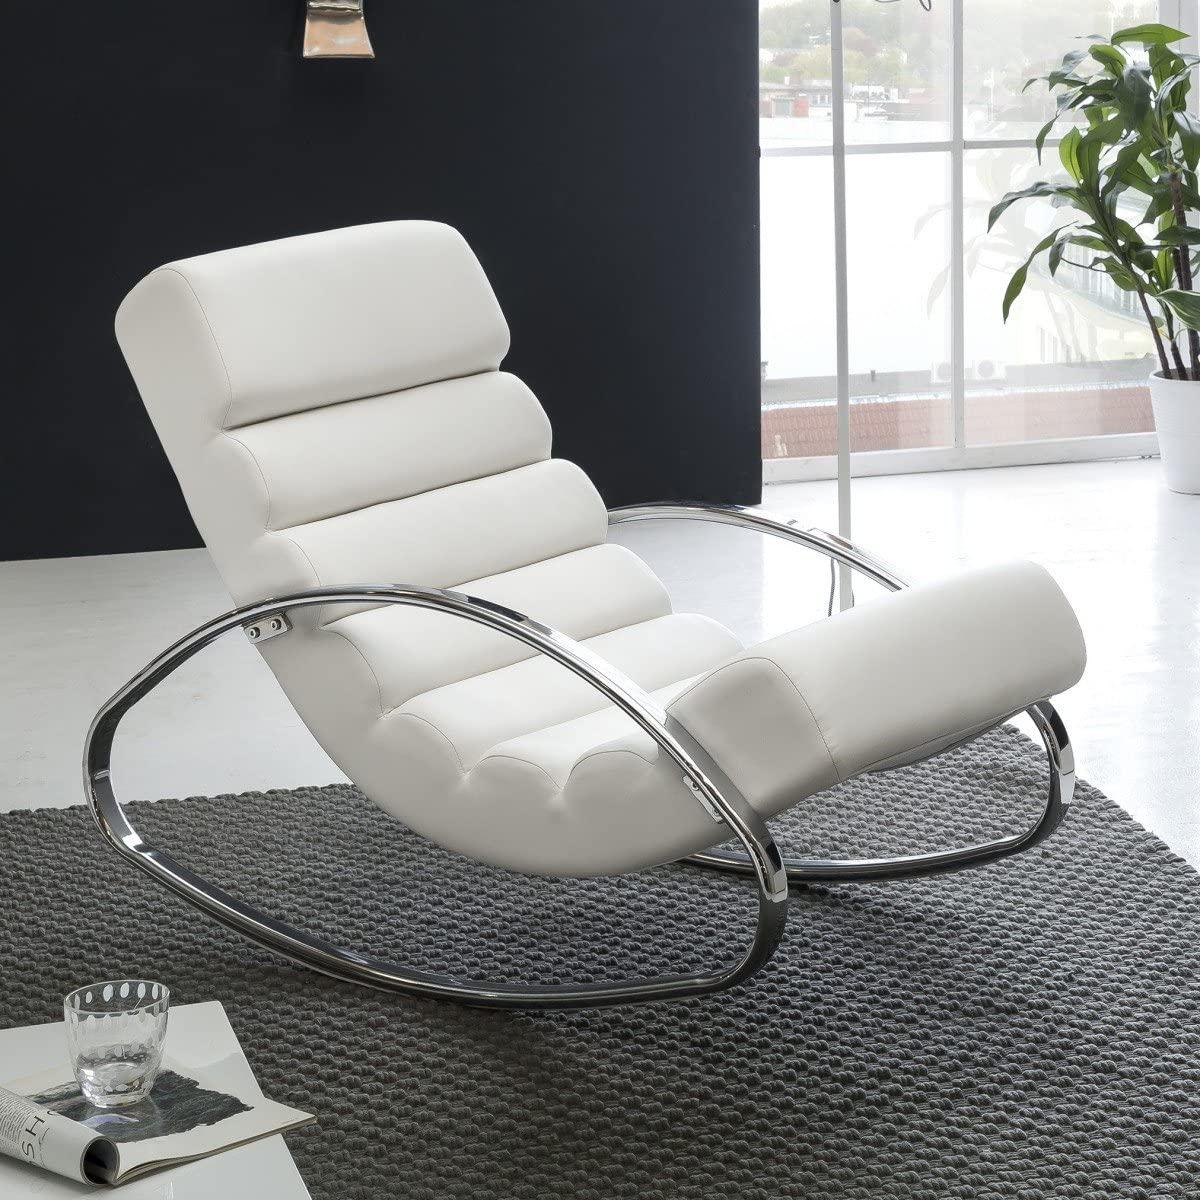 Full Size of Relaxliege Garten Modern Leder Finebuy Sessel Fernsehsessel Farbe Wei Relaxsessel Modernes Sofa Moderne Esstische Wohnzimmer Bilder Deckenleuchte Bett 180x200 Wohnzimmer Relaxliege Modern